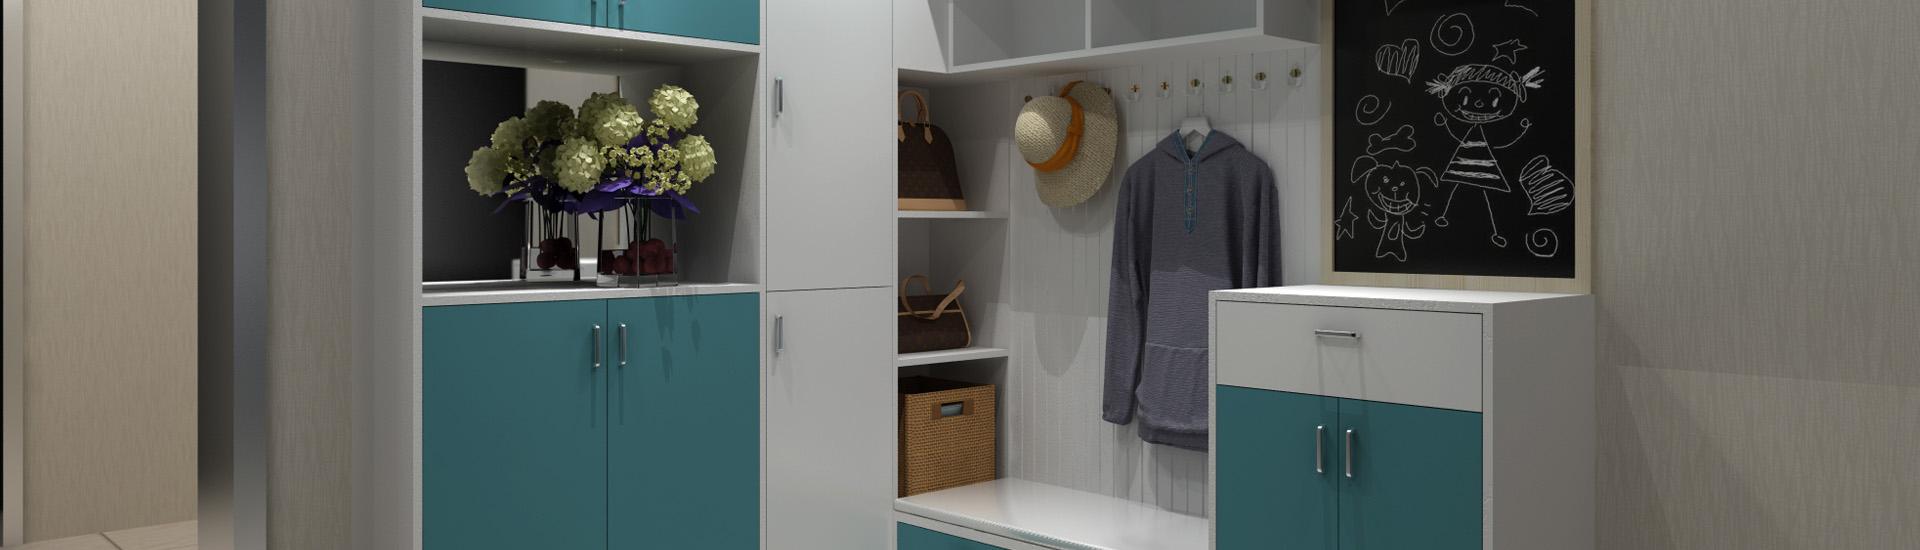 现代简约系列 衣帽柜